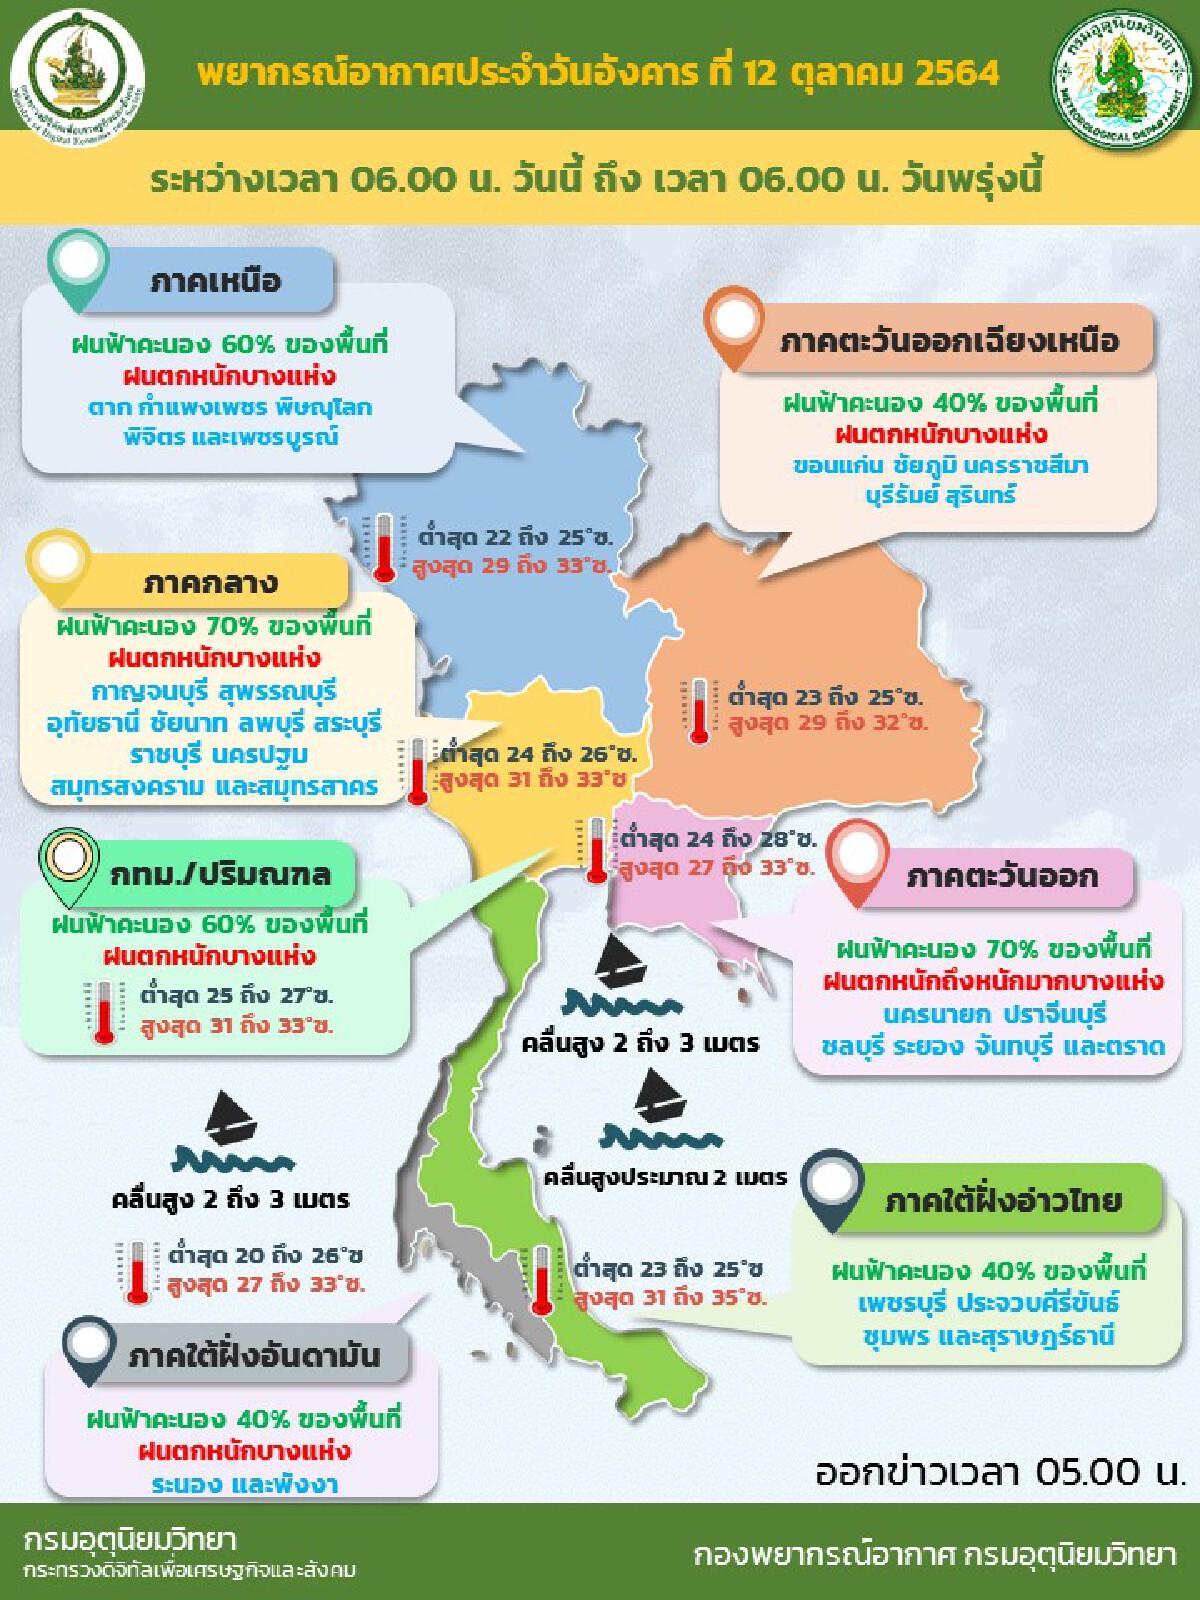 พยากรณ์อากาศวันนี้ ประเทศไทยมีฝนเพิ่ม กับมีฝนตกหนักถึงหนักมากบางแห่ง